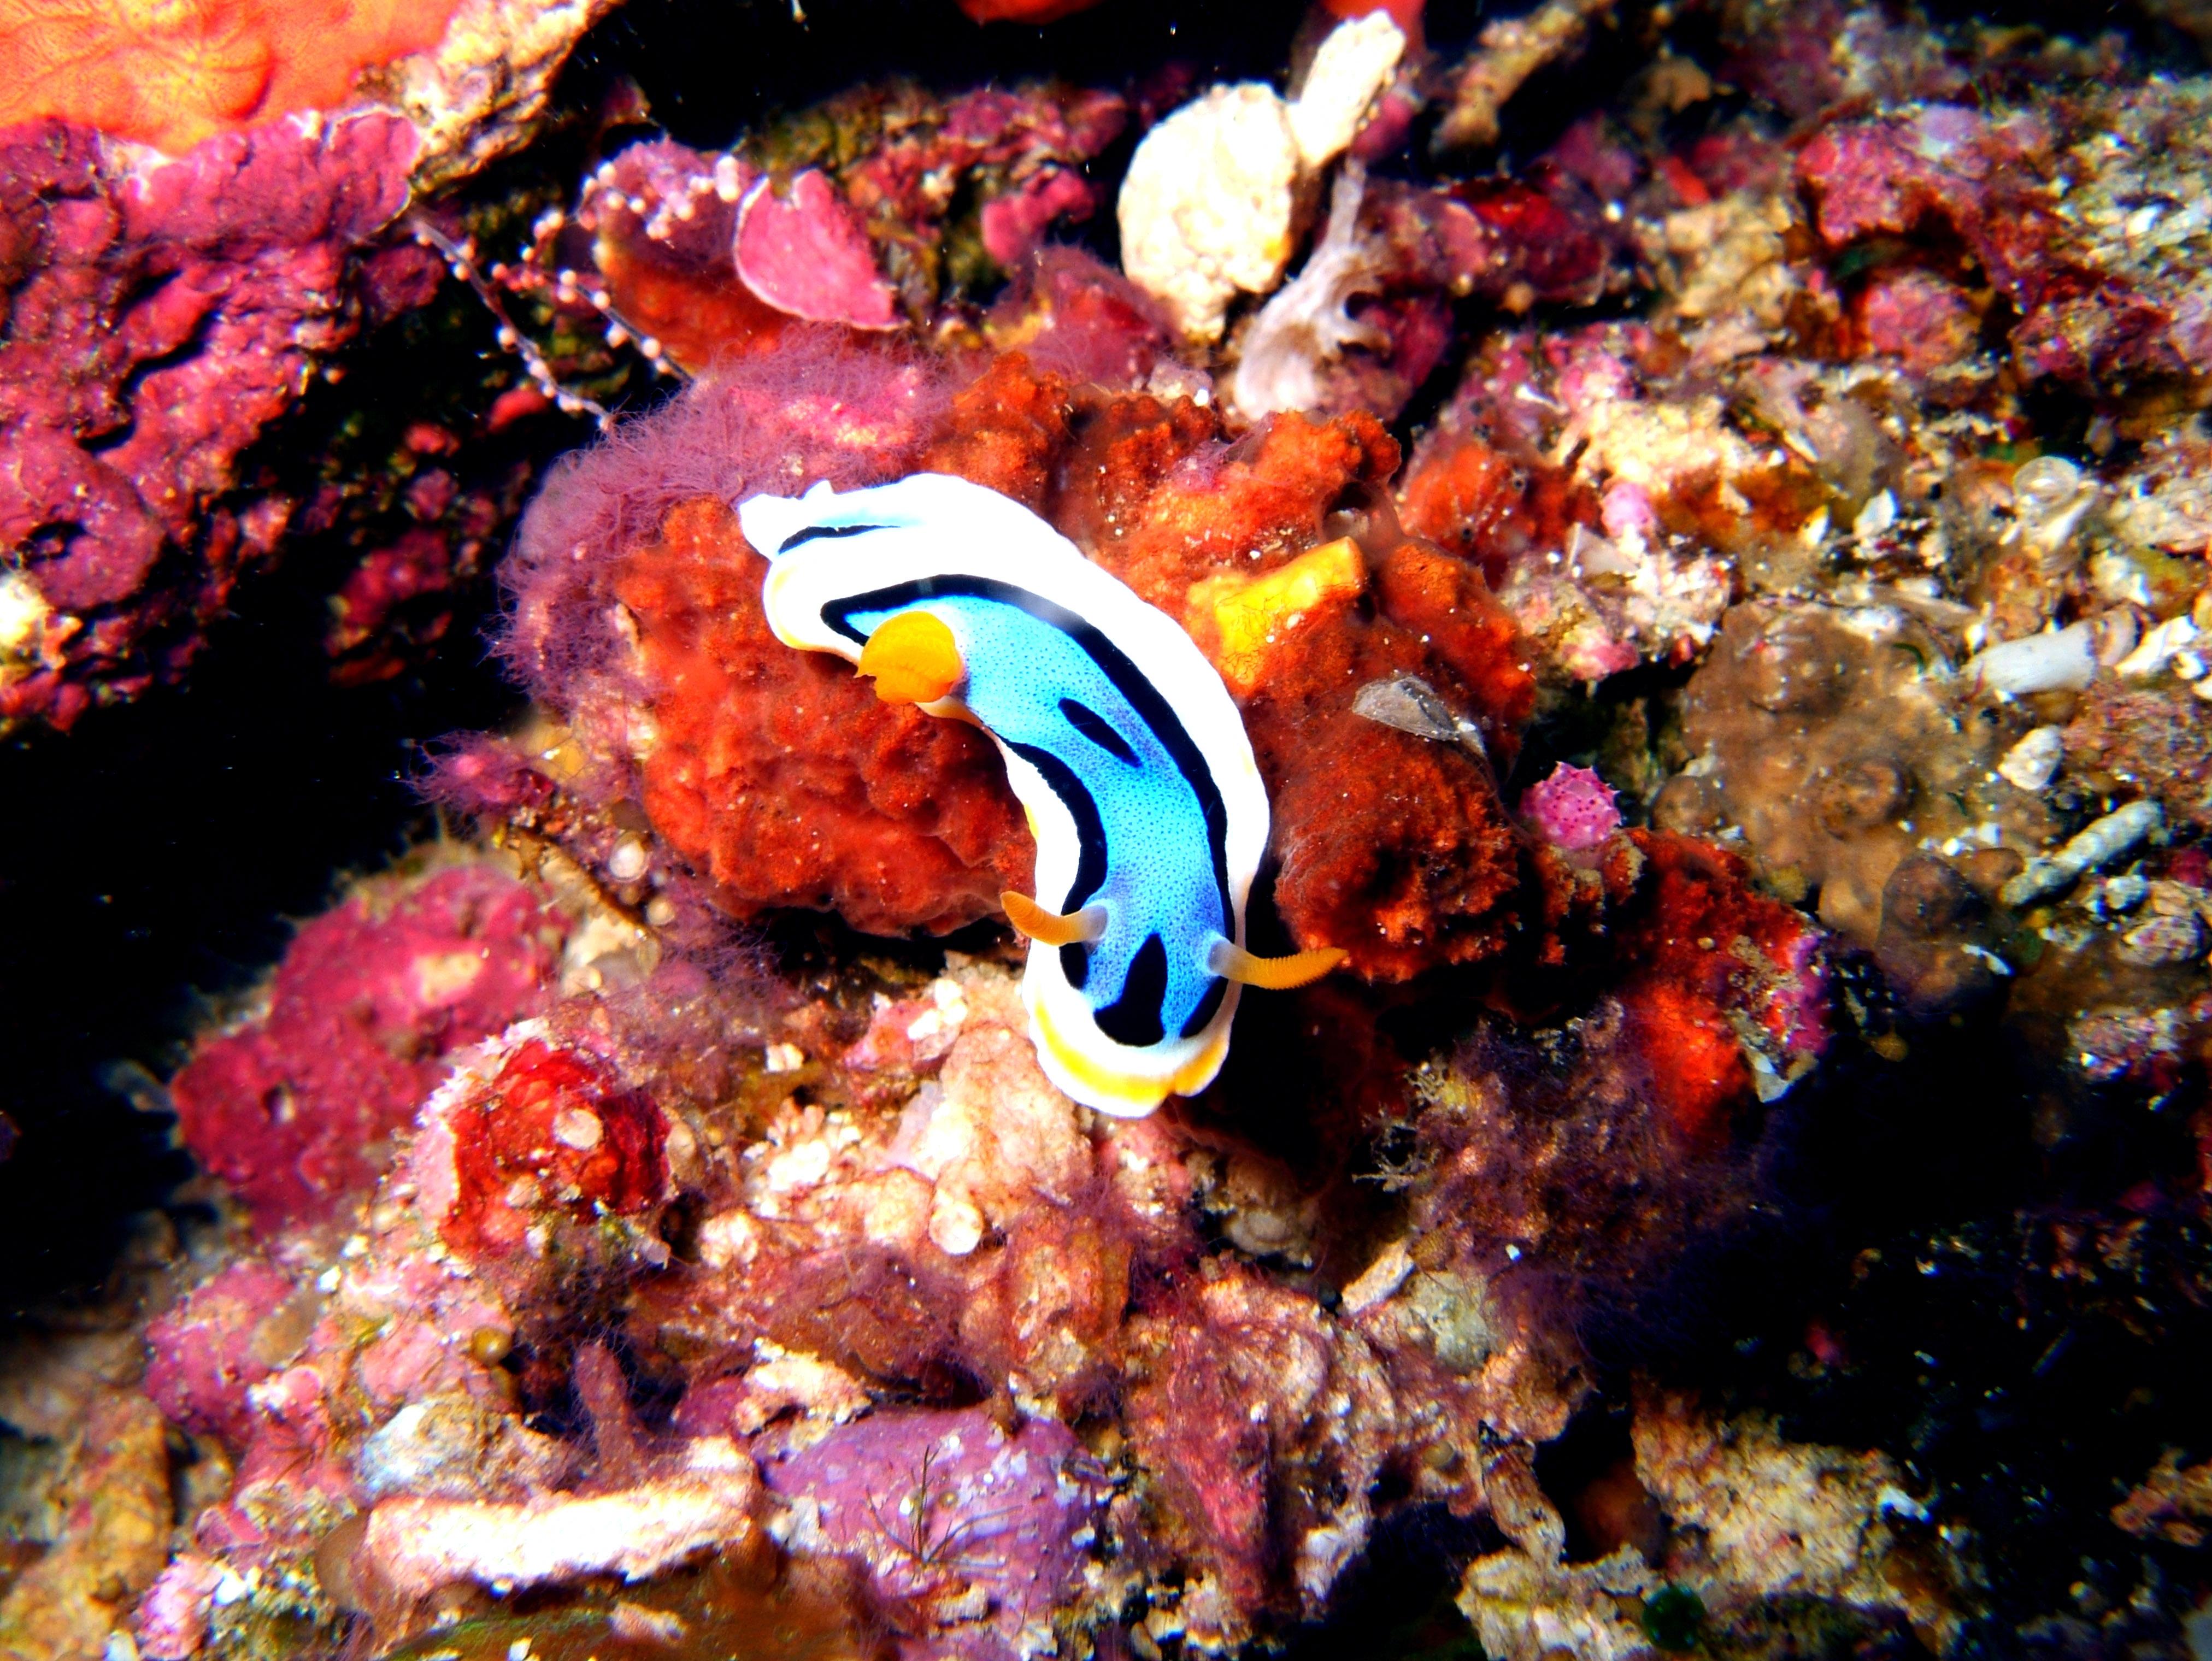 Philippines Cebu Bohol Balicasag Island Rudys rock dive Dec 2005 08